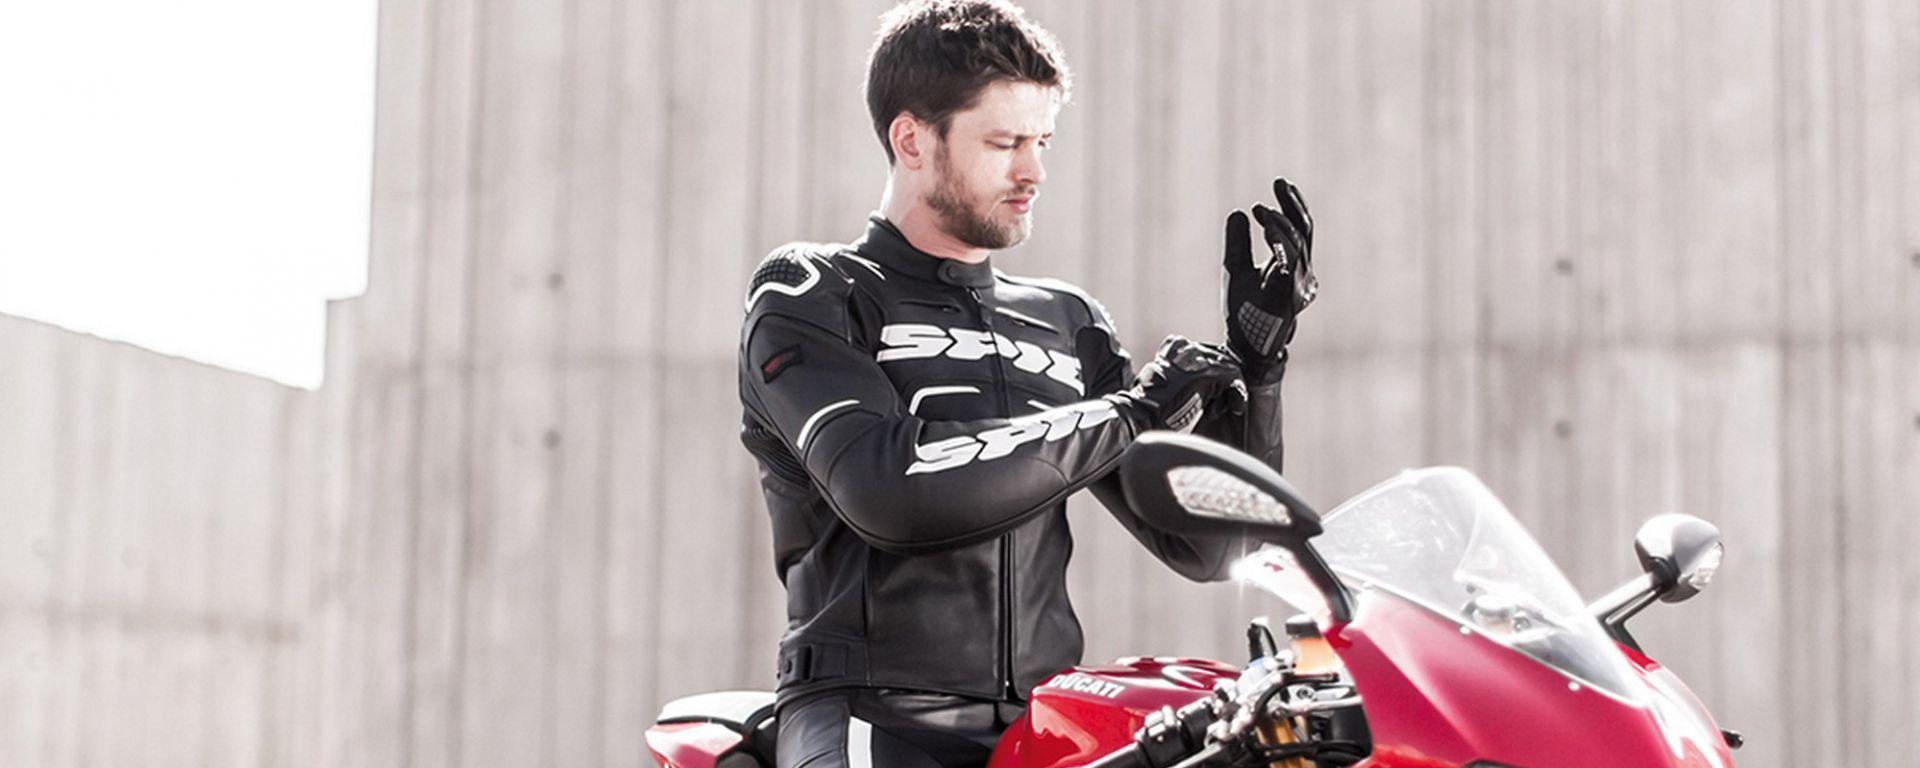 Spidi Evorider Leather: qualità e tecnologia da MotoGP